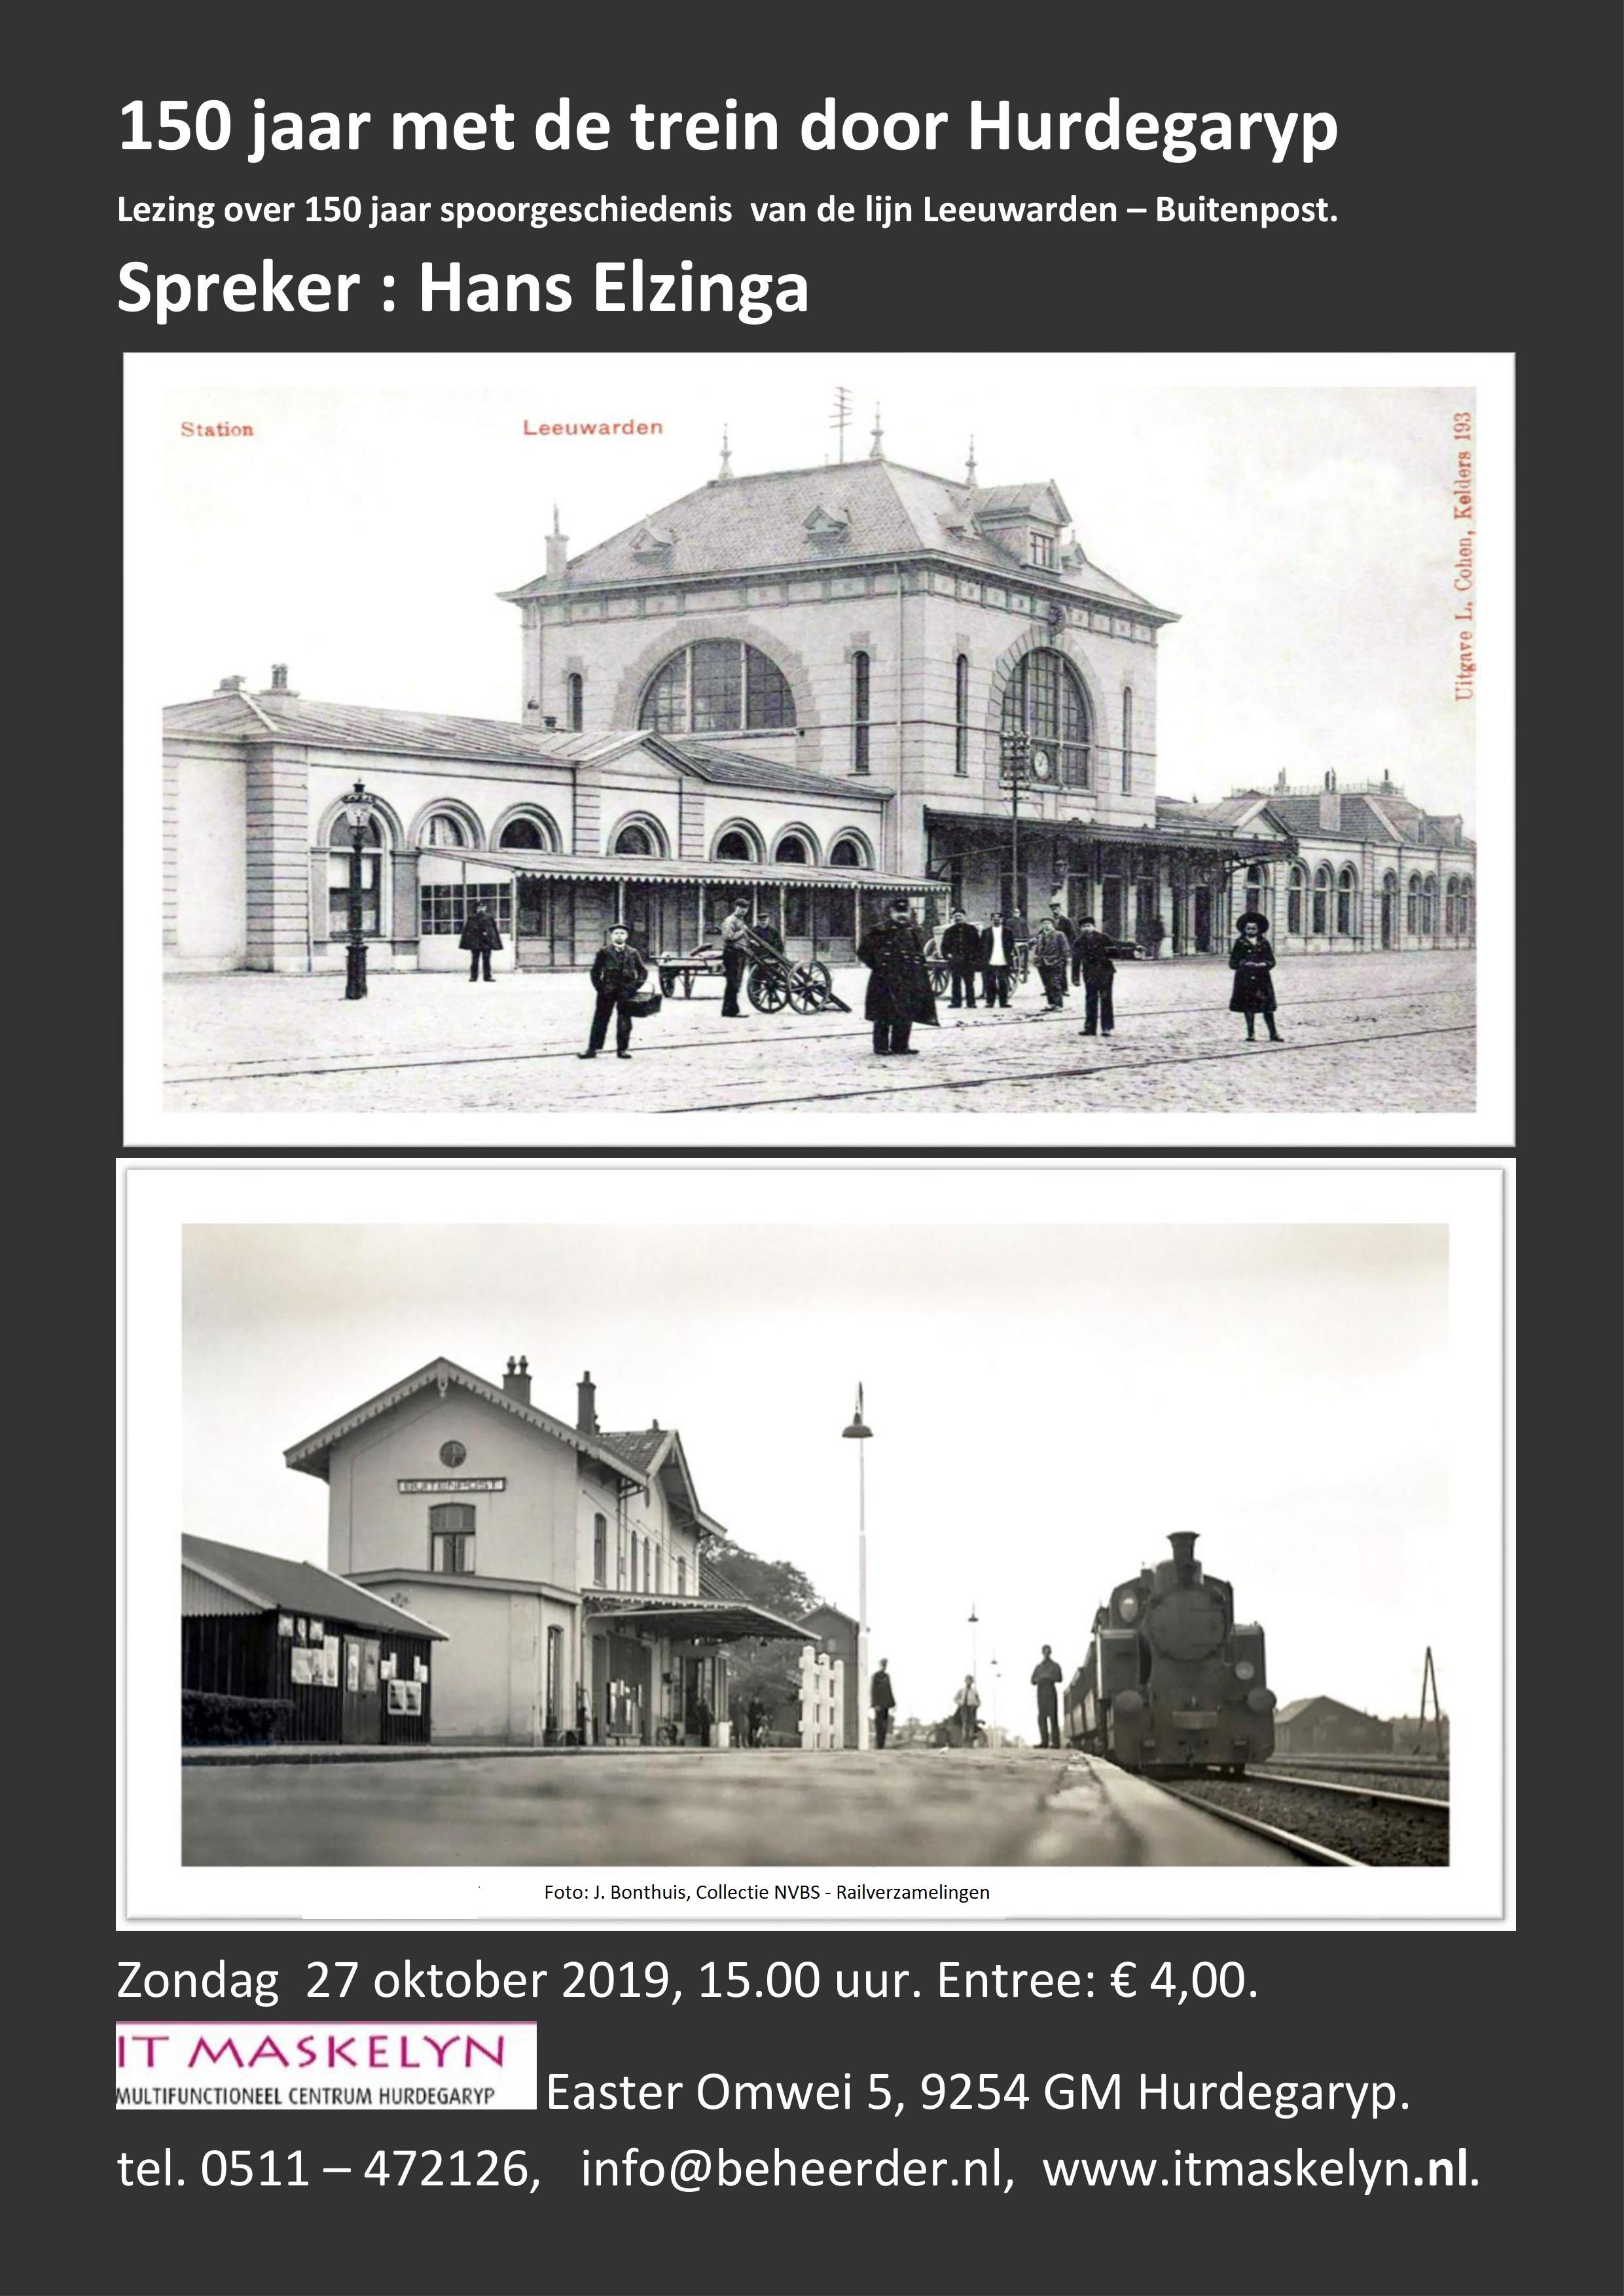 150 jaar met de trein door Hurdegaryp. Lezing over 150 jaar spoorgeschiedenis van de lijn Leeuwarden - Buitenpost.